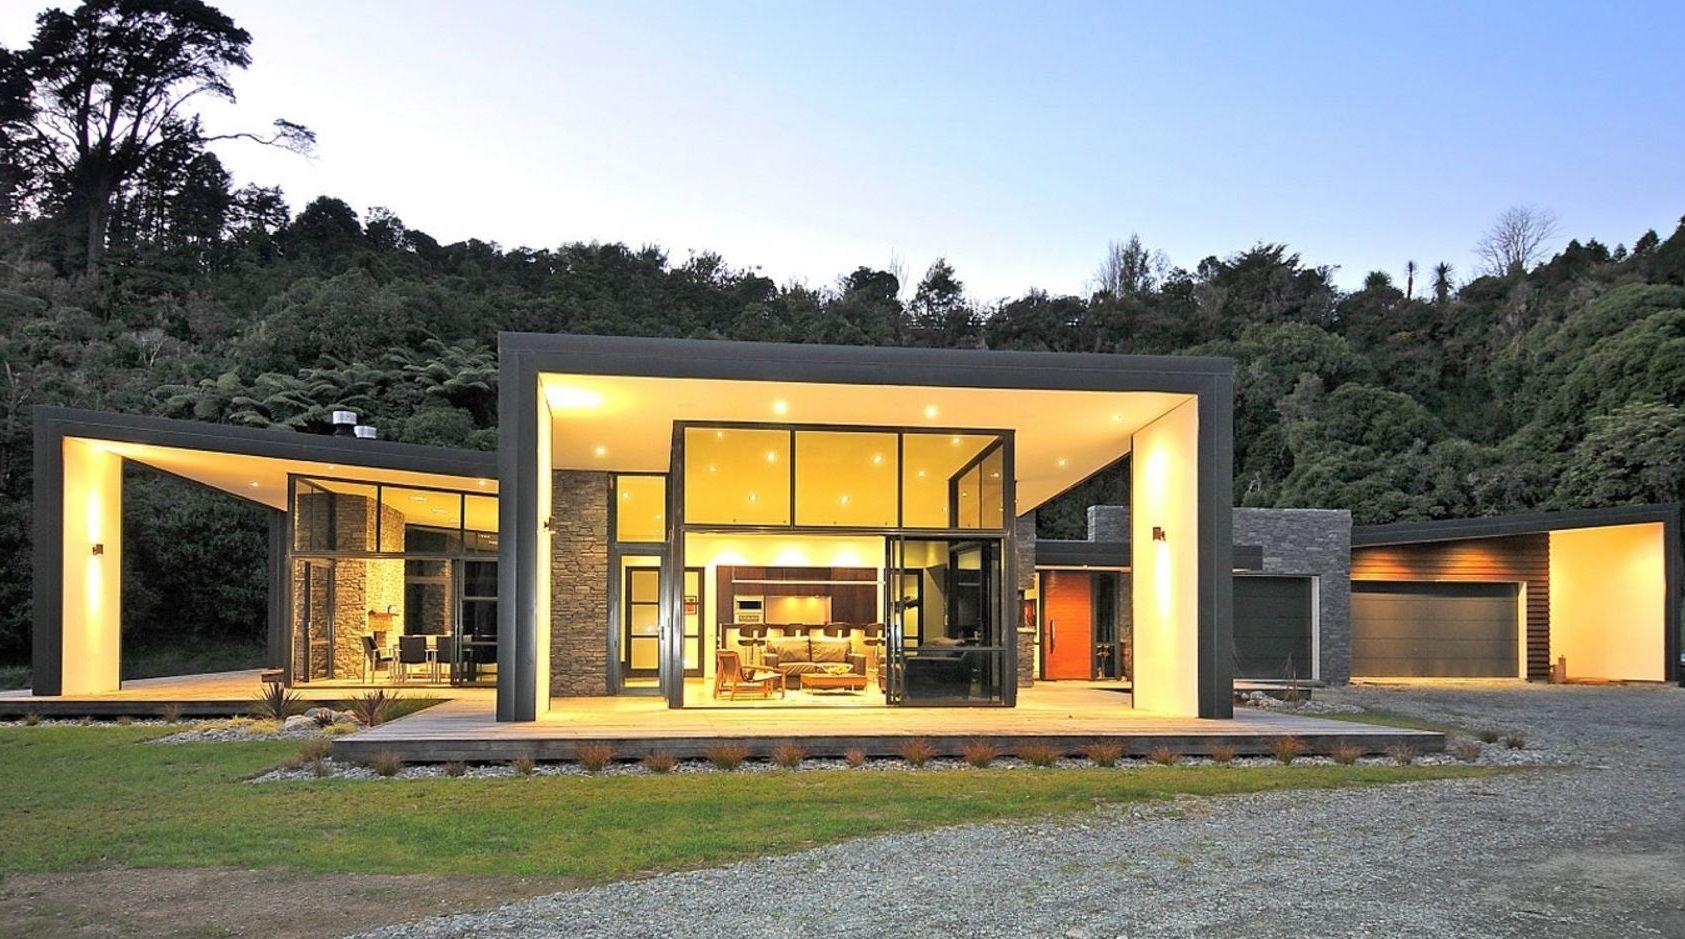 Casa rustica y moderna con vidrios coffee farm en 2019 for Fachada de casas modernas y bonitas